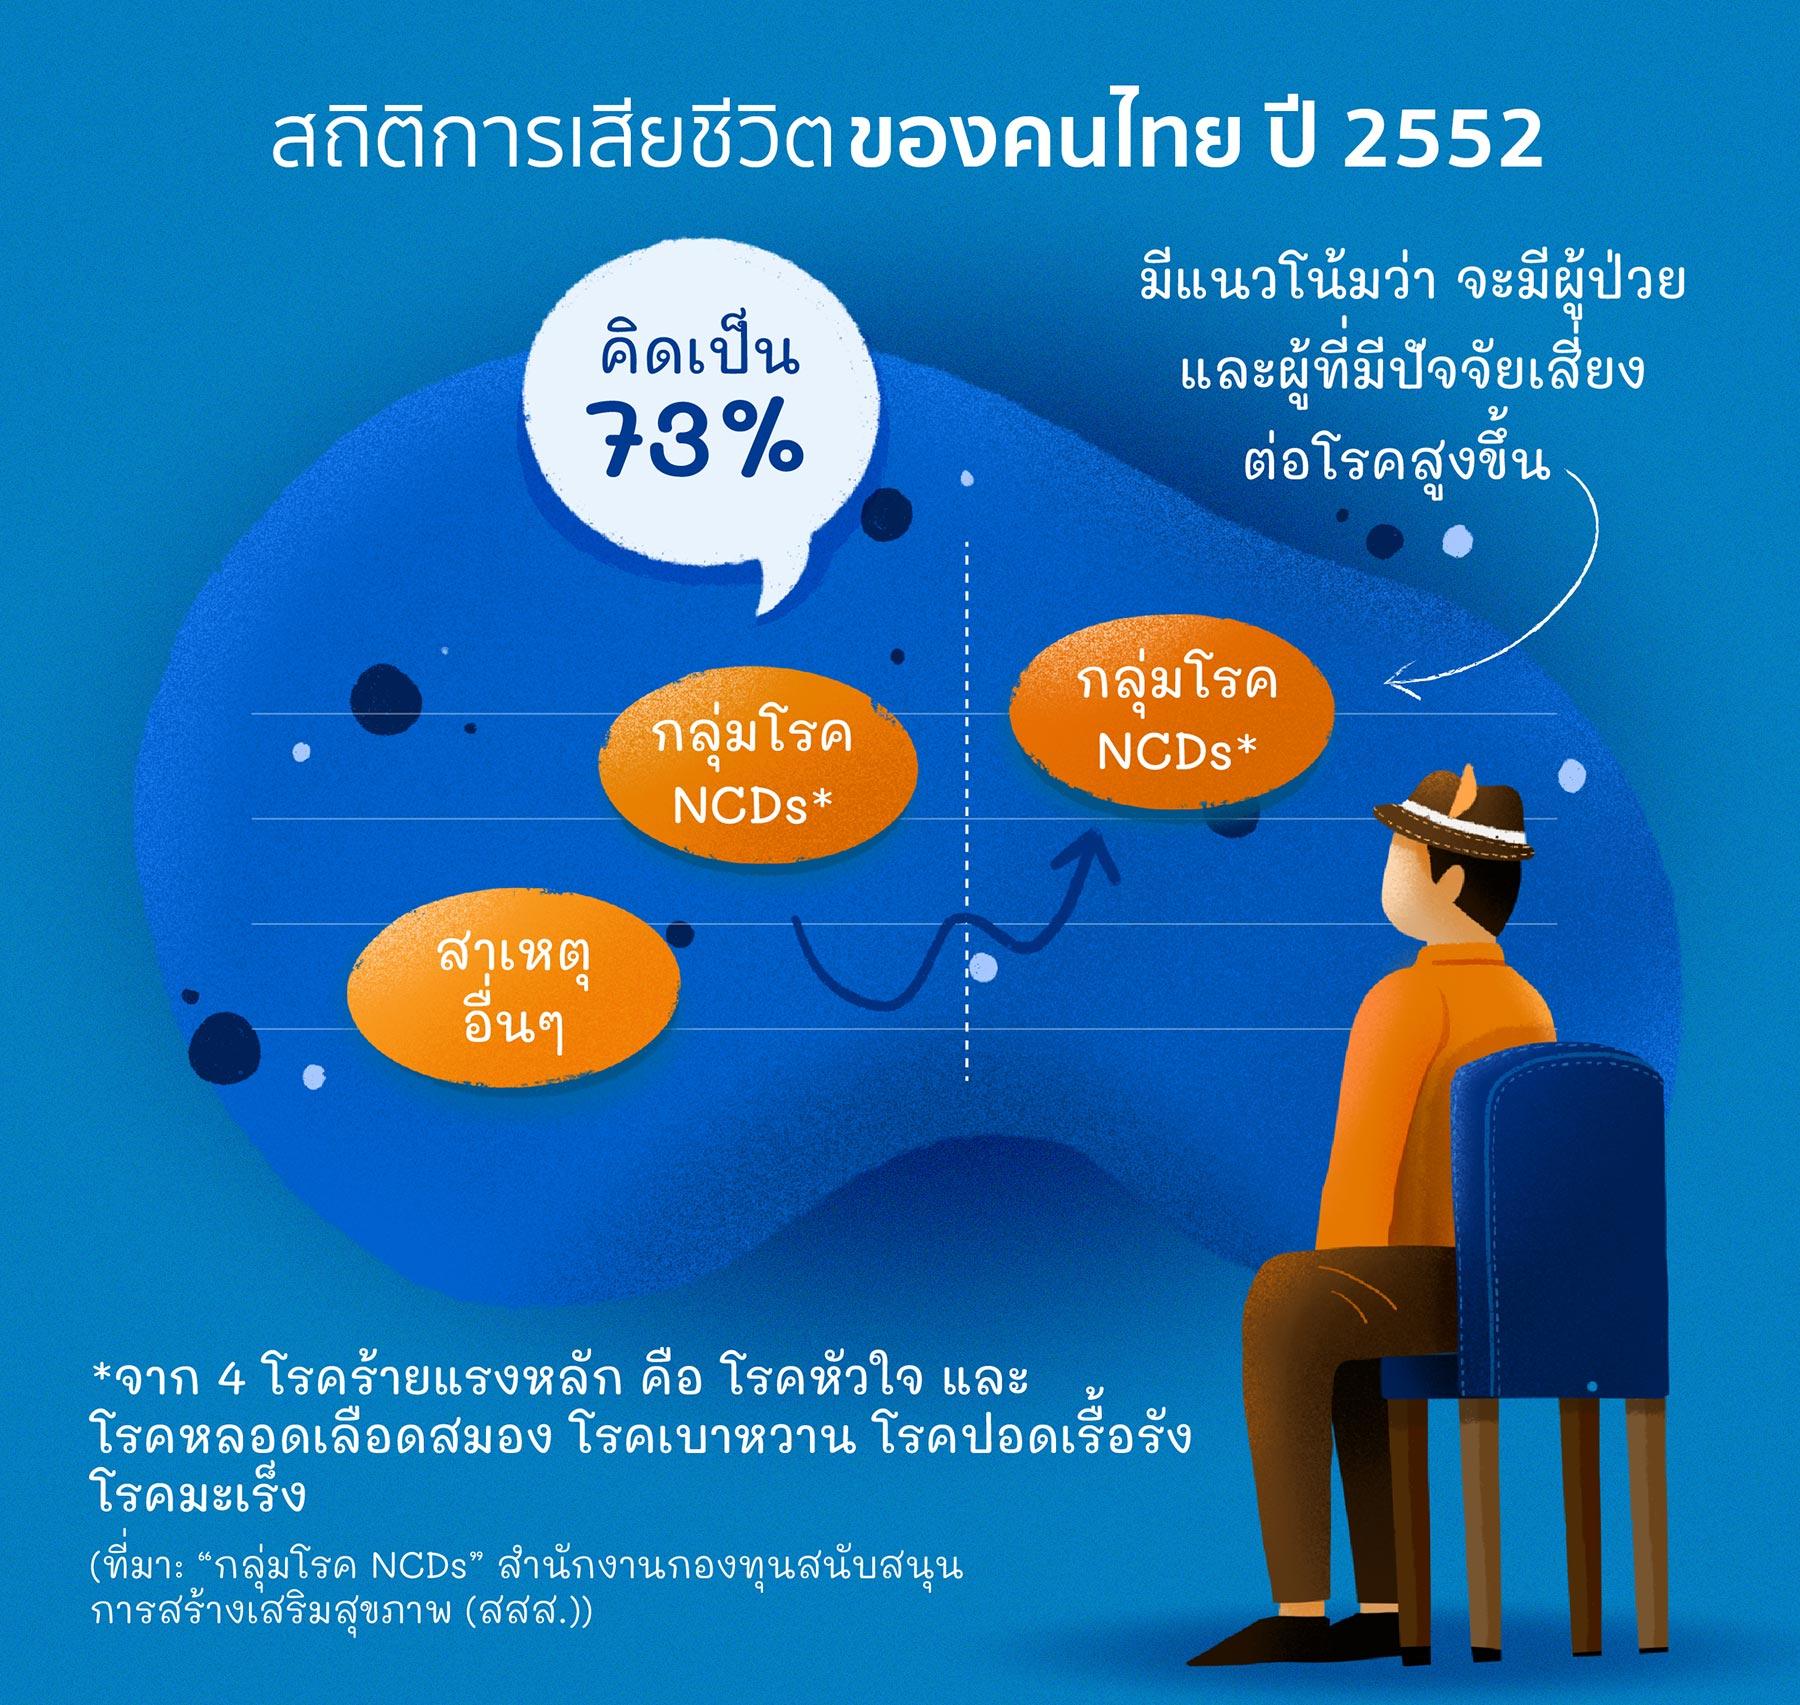 สถิติการเสียชีวิตของคนไทย ลดลงได้ด้วยการทำประกันโรคร้ายแรงกับซิกน่า